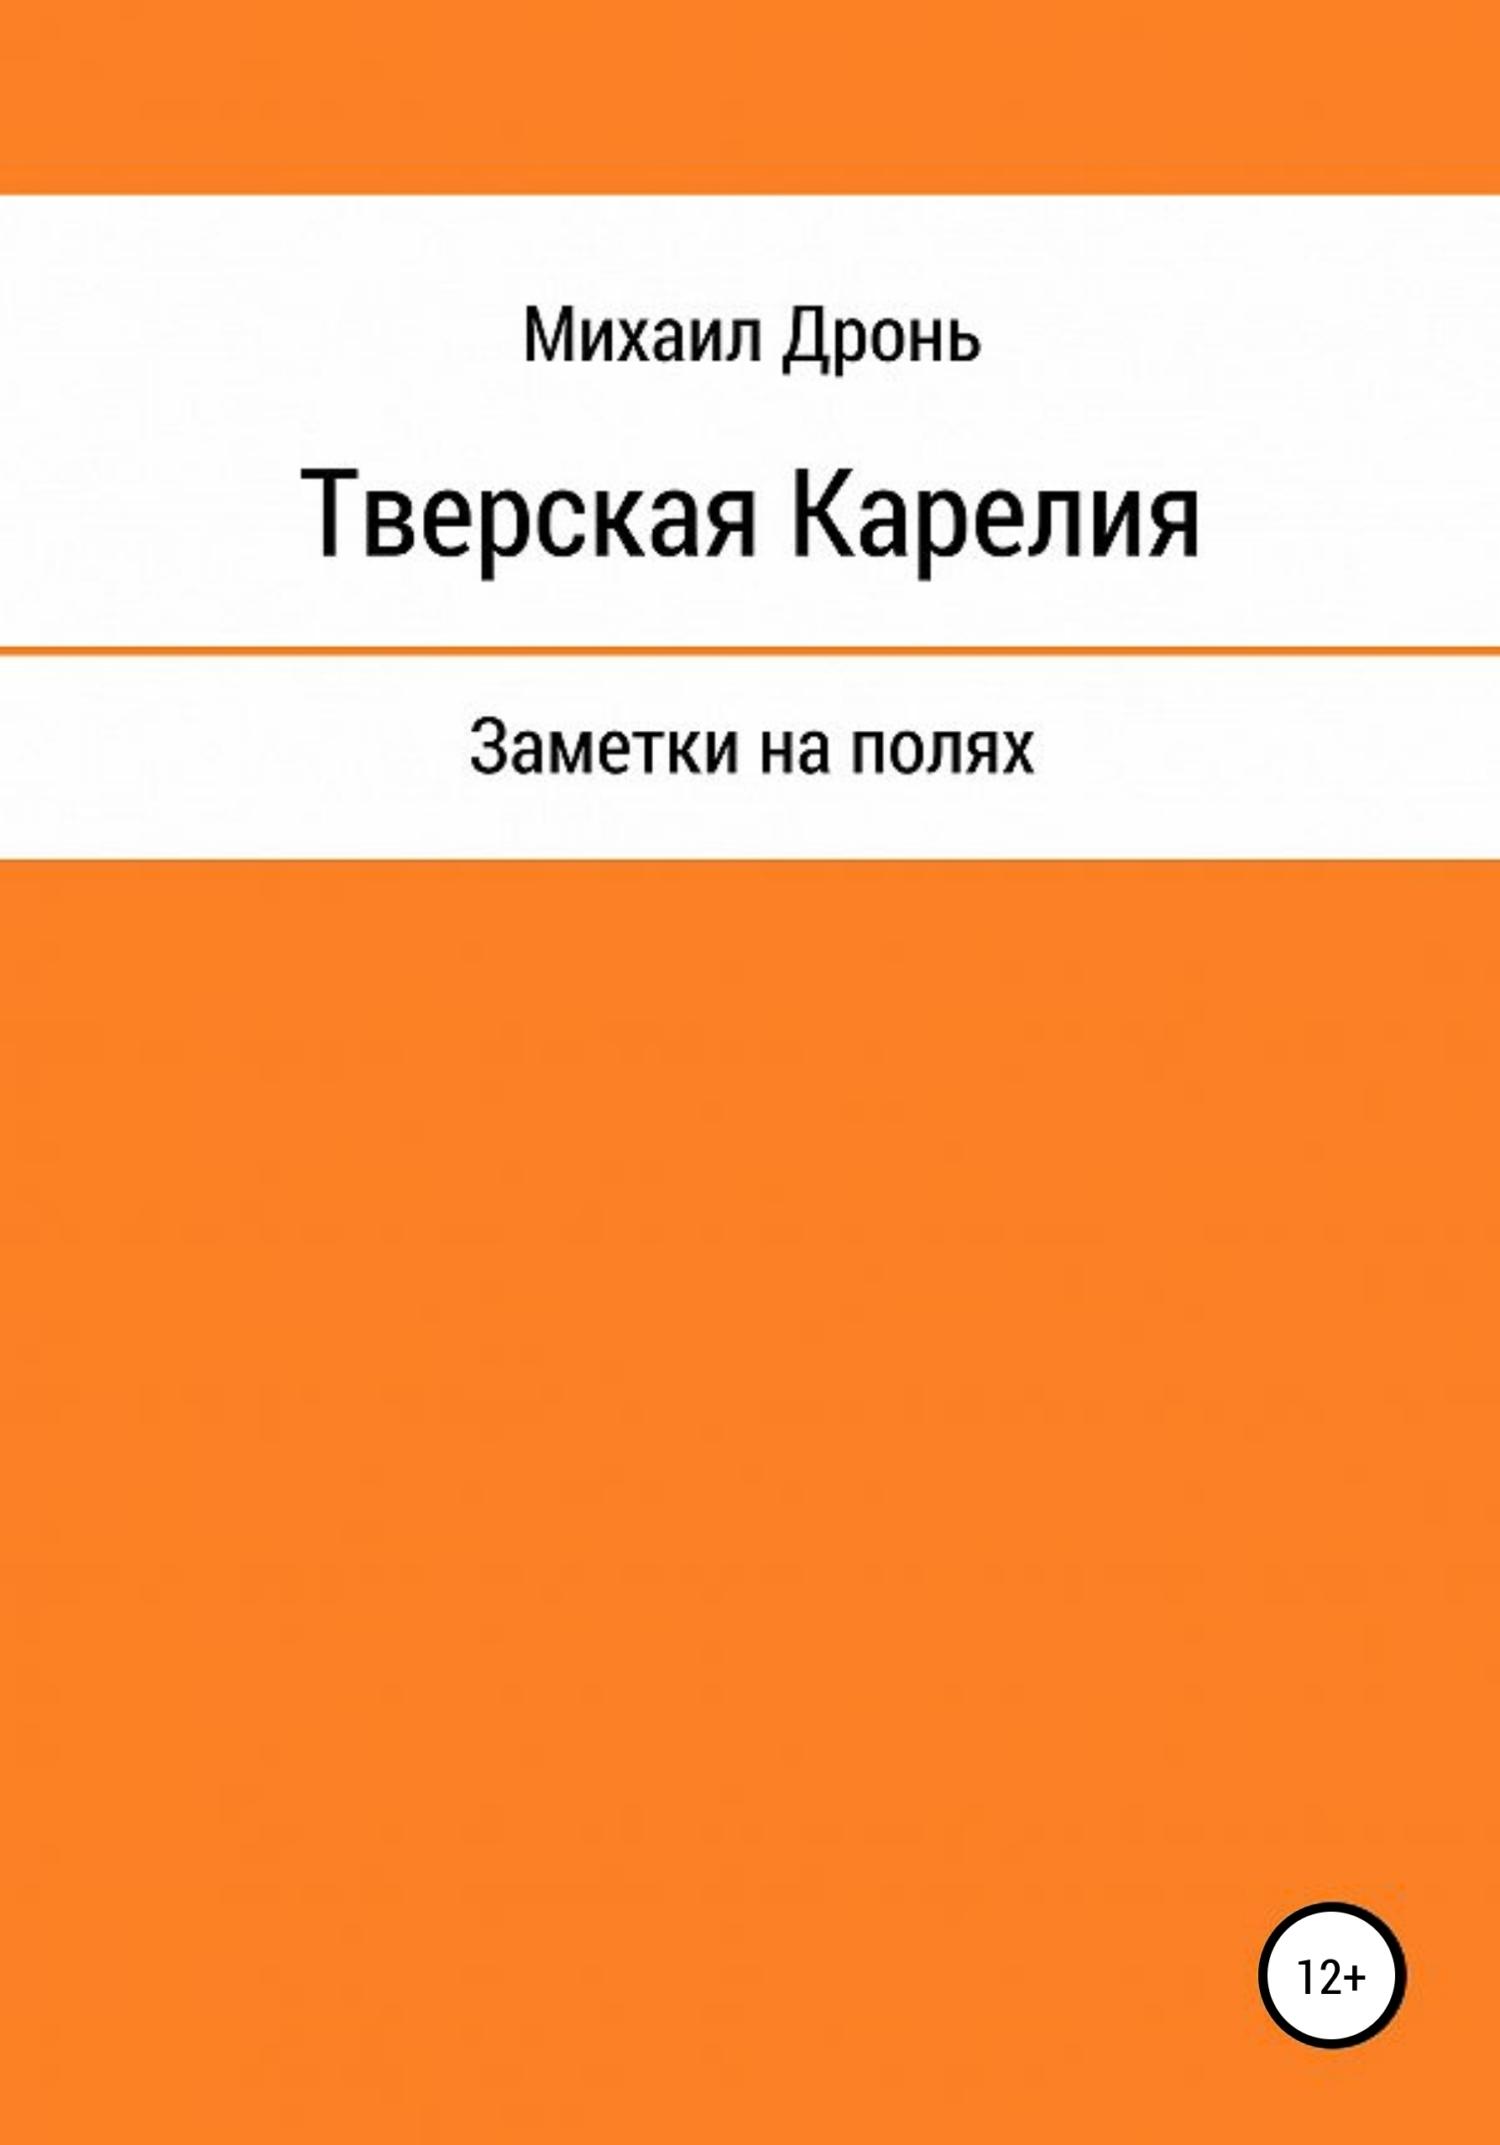 Тверская Карелия. Заметки на полях